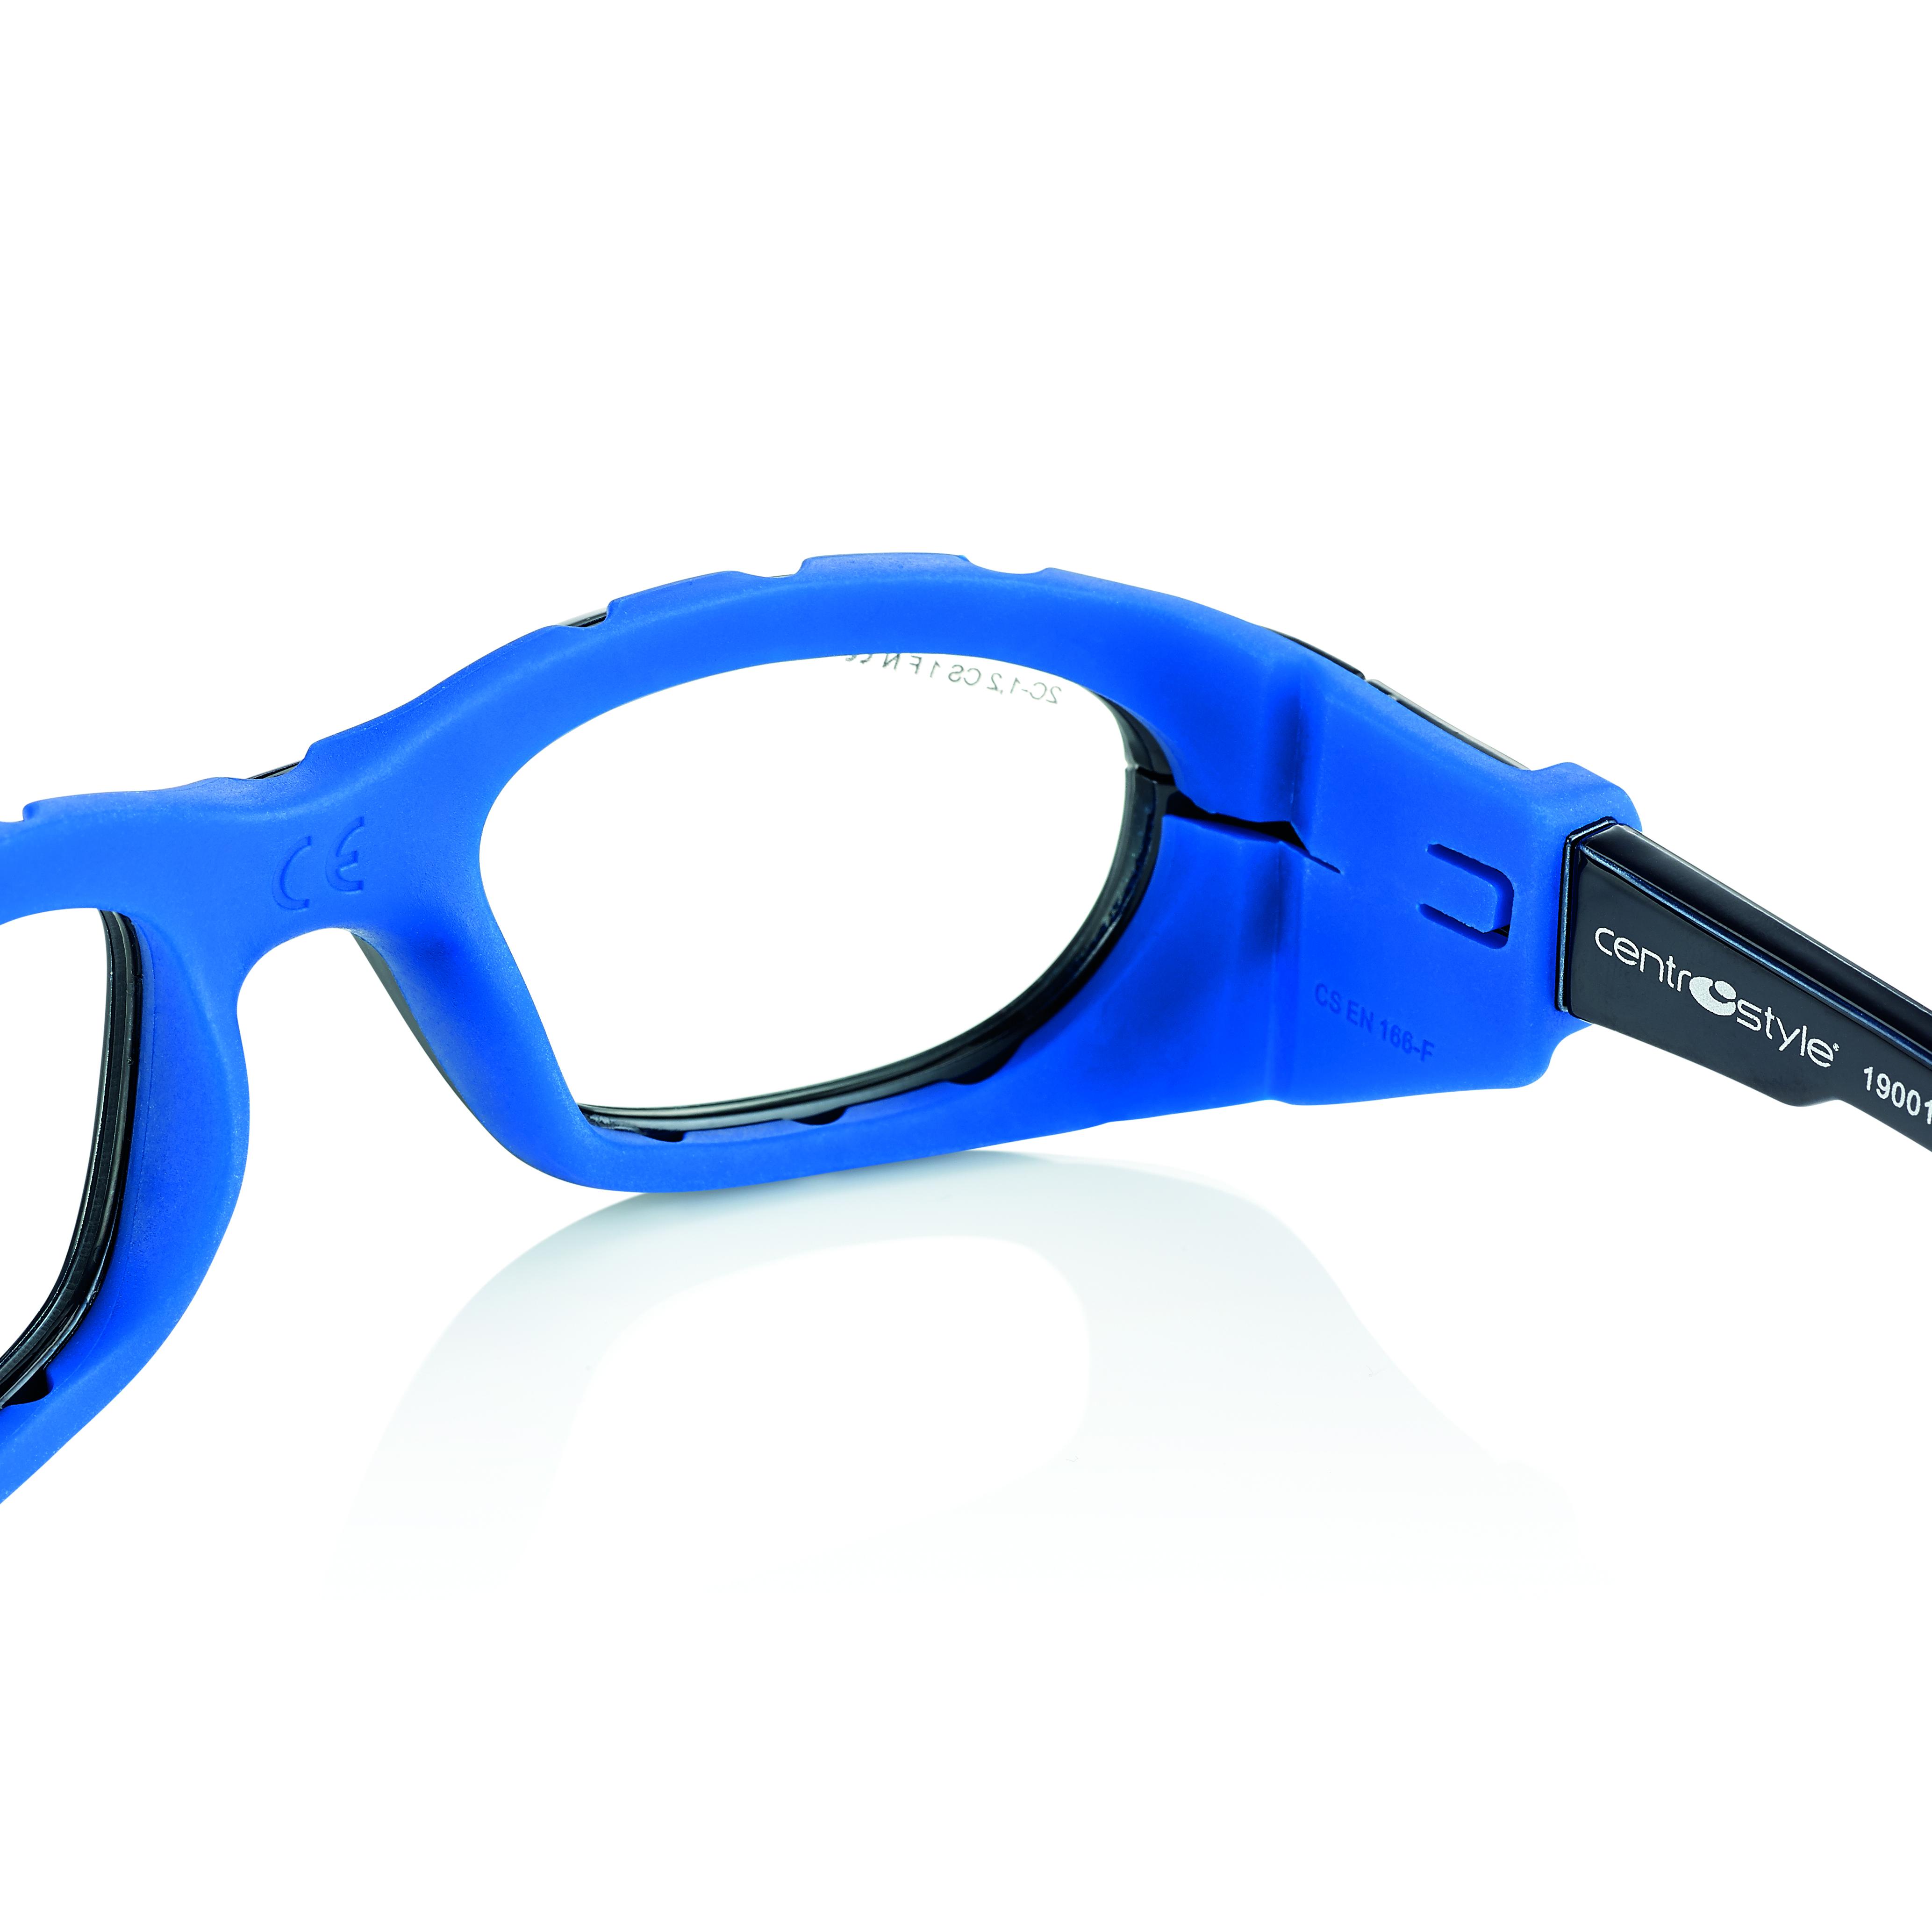 02F025749242000-Óculos Proteção Esporte Banda Elástica e Haste 49x23 Preto/Azul Mod 025747 FLAG E - Contém 1 Peça  - ENTREGA IMEDIATA